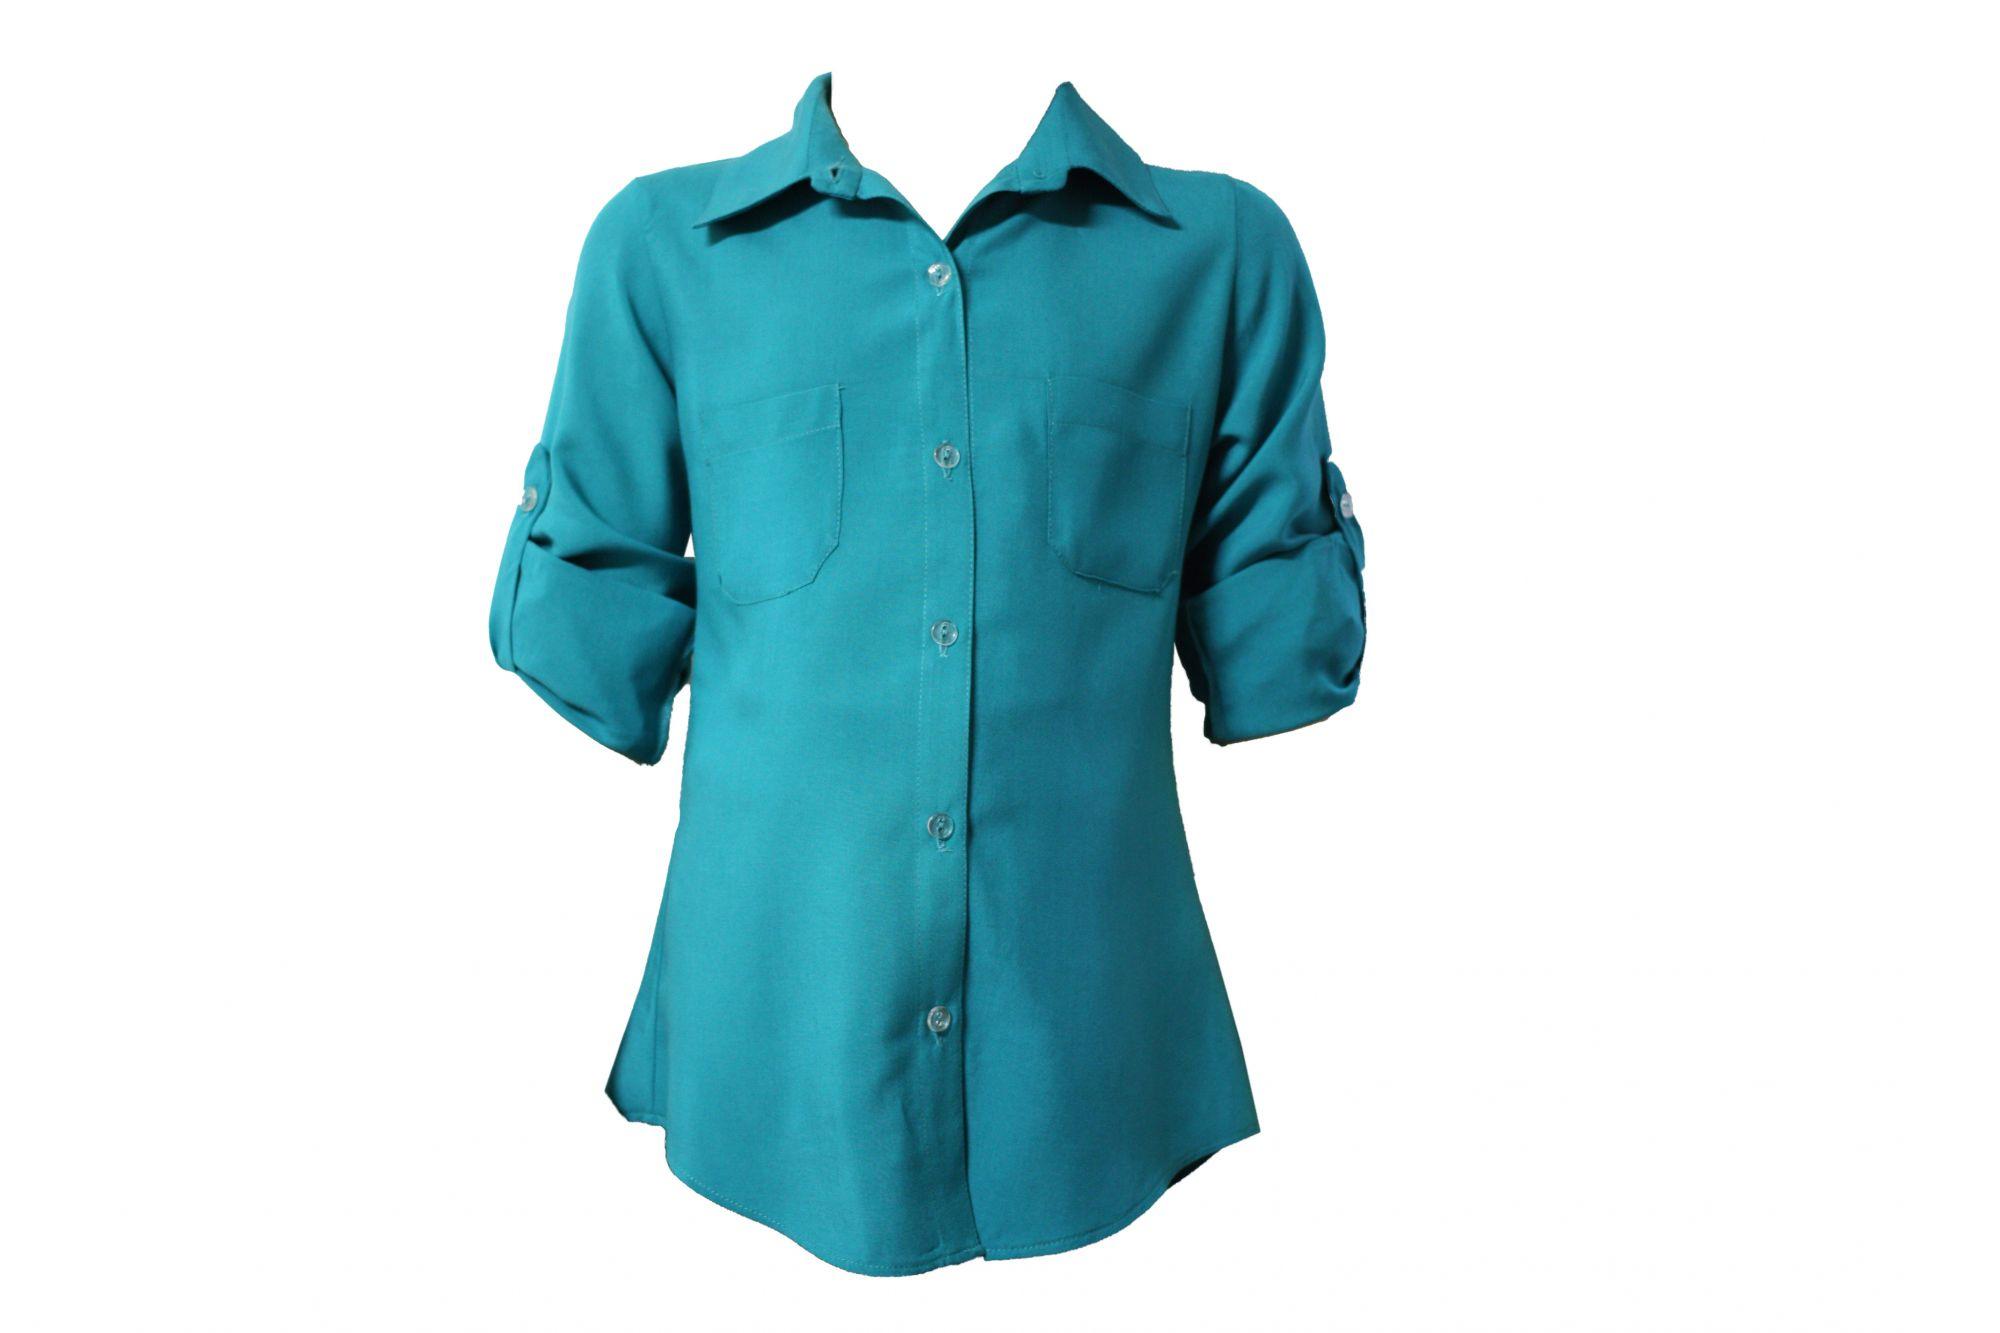 43150 Детская рубашка ГОЛУБАЯ (штапель)